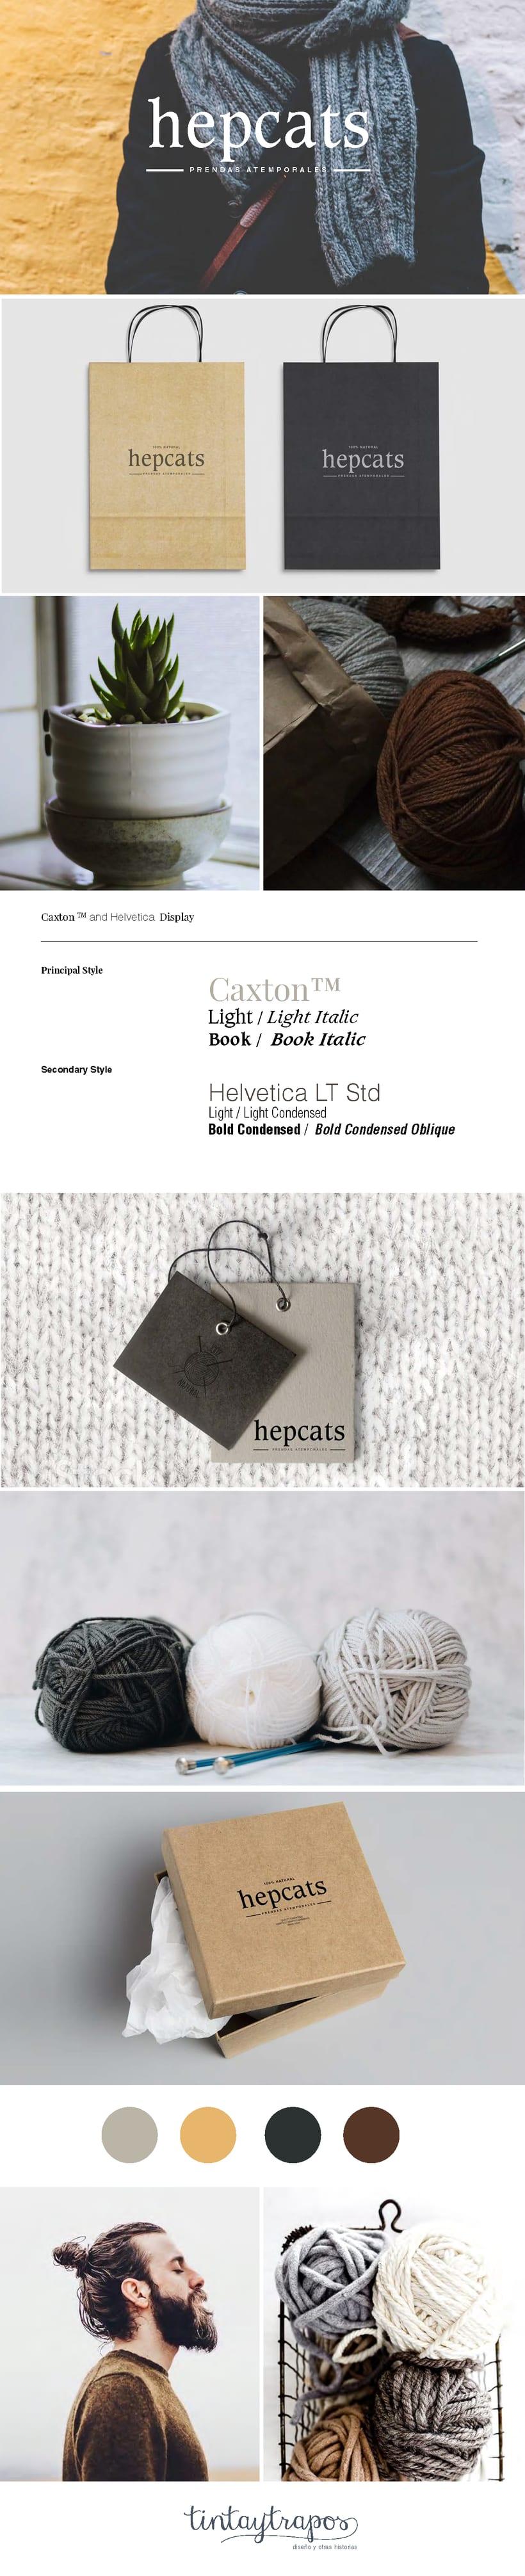 Hepcats: Prendas atemporales 1